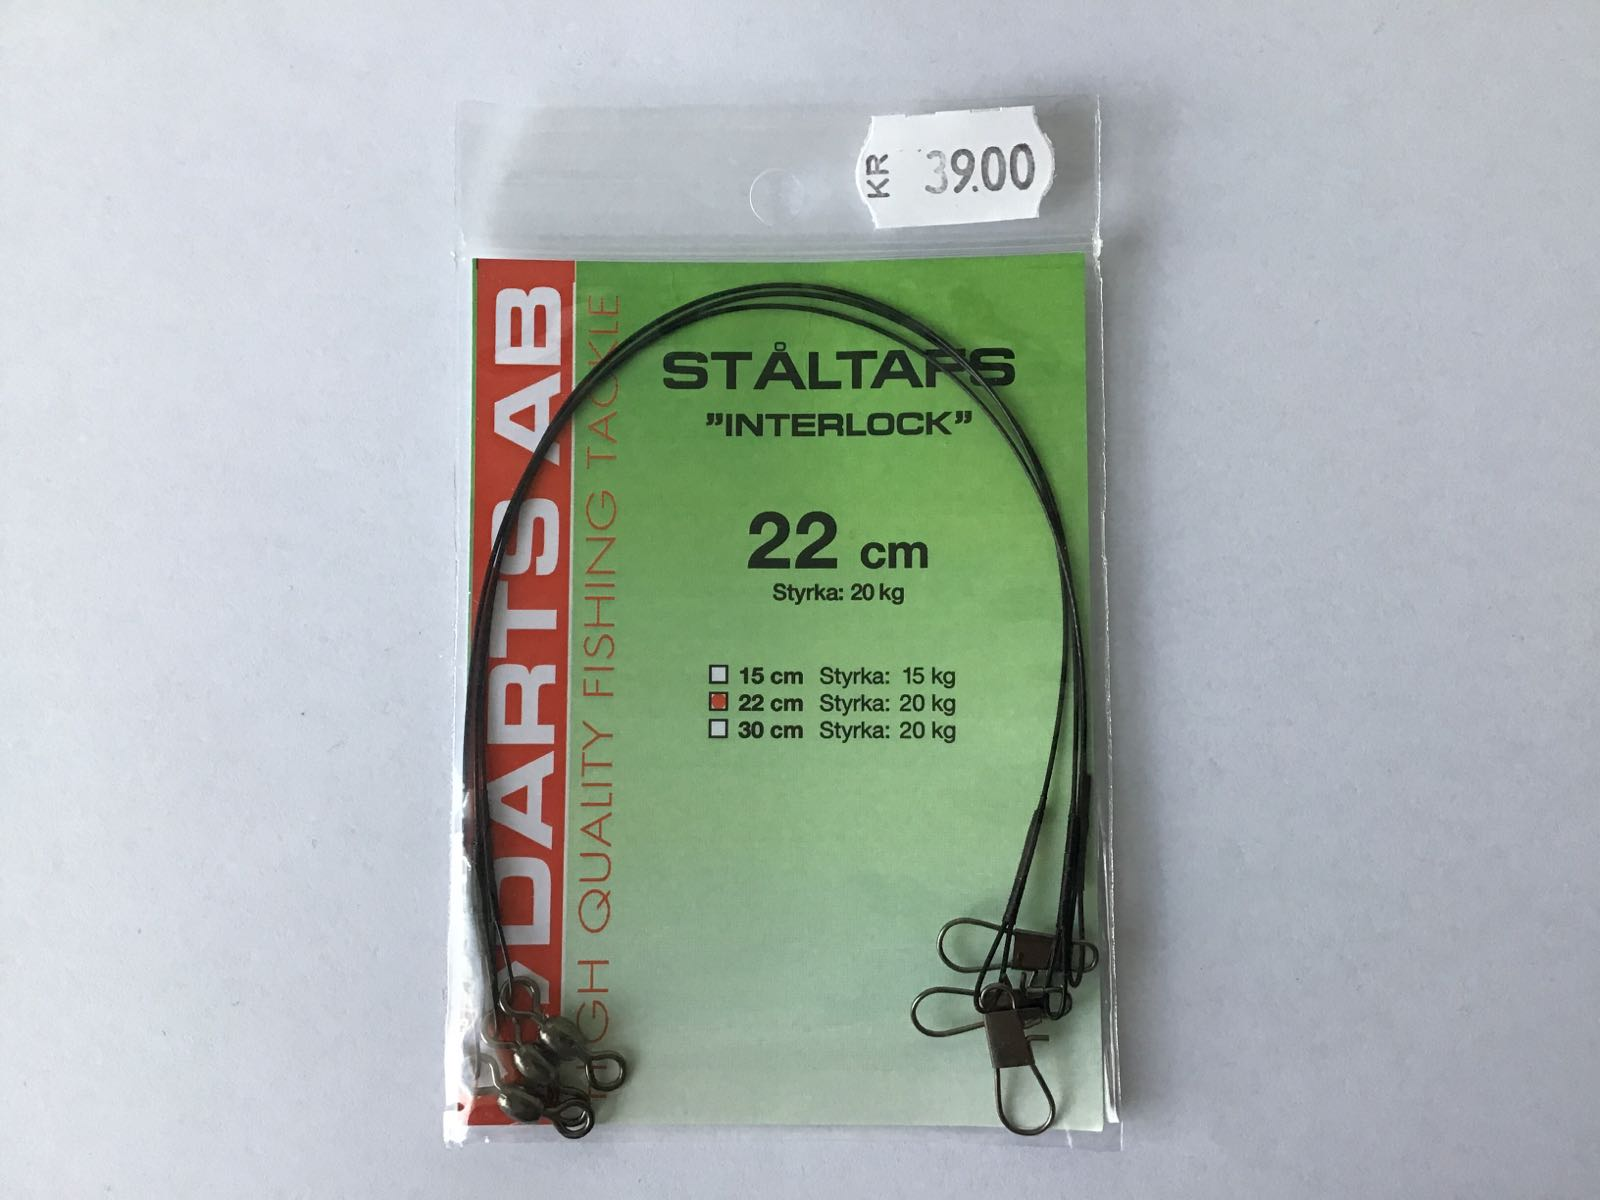 Darts ståltafs interlock 22cm